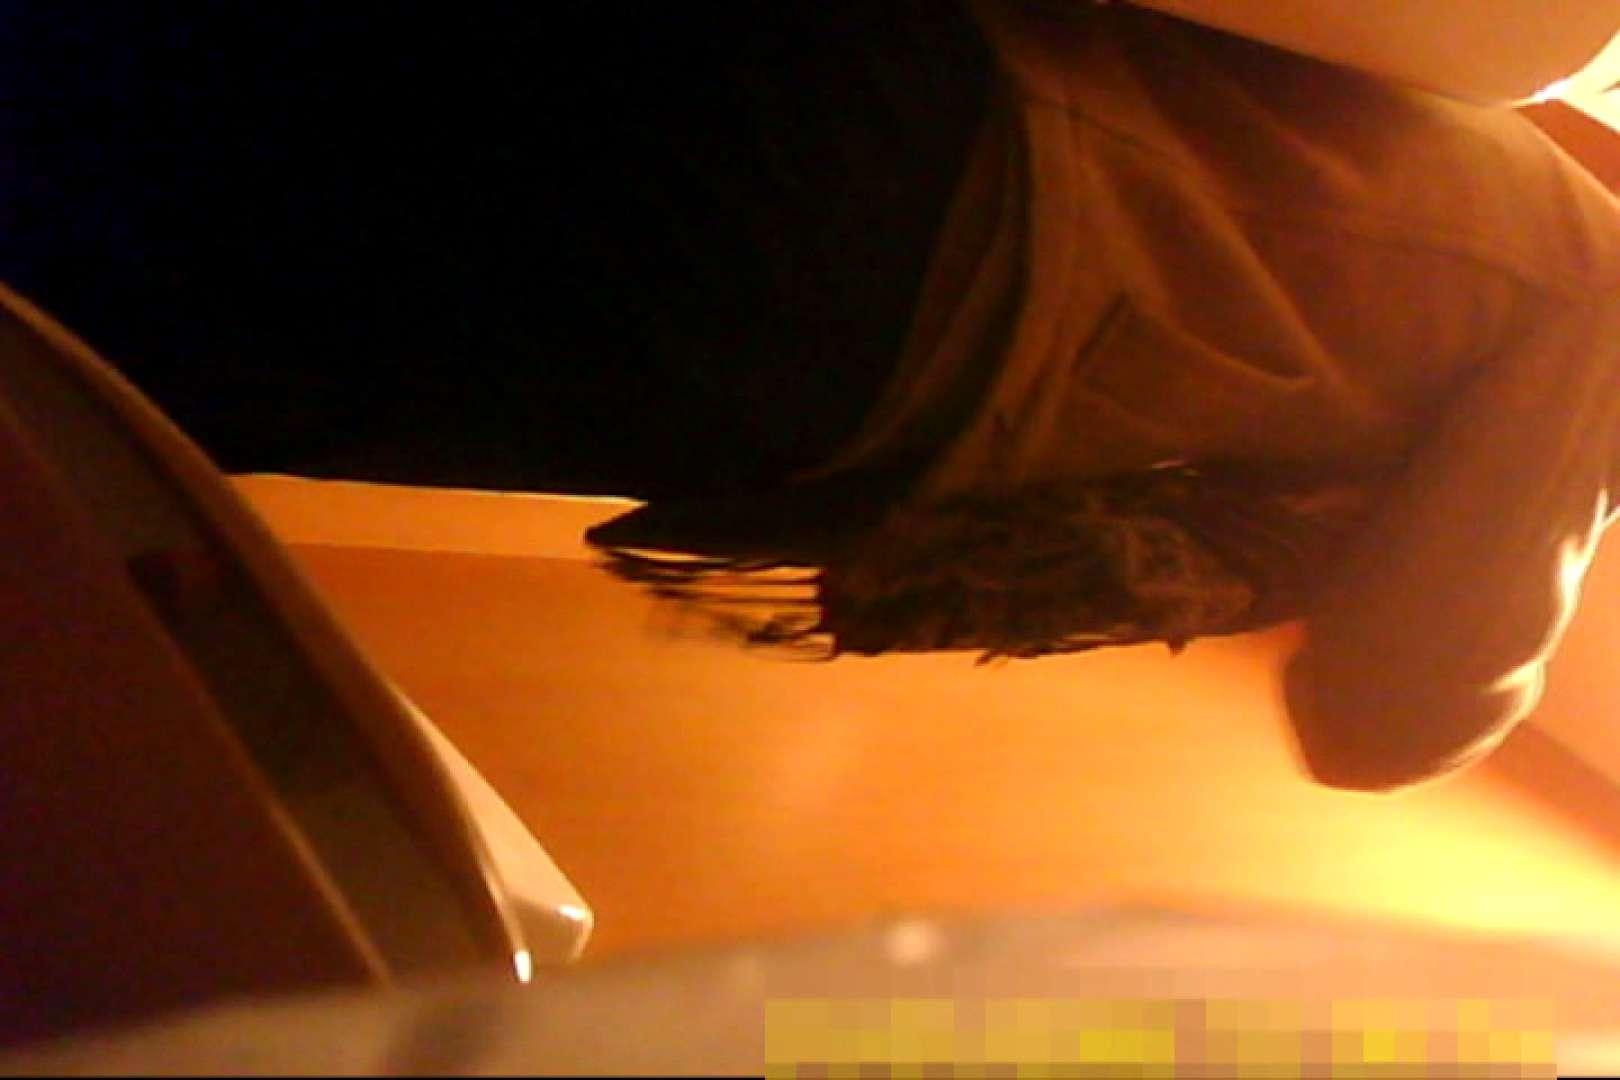 魅惑の化粧室~禁断のプライベート空間~vol.6 OLのボディ ワレメ動画紹介 103PIX 11